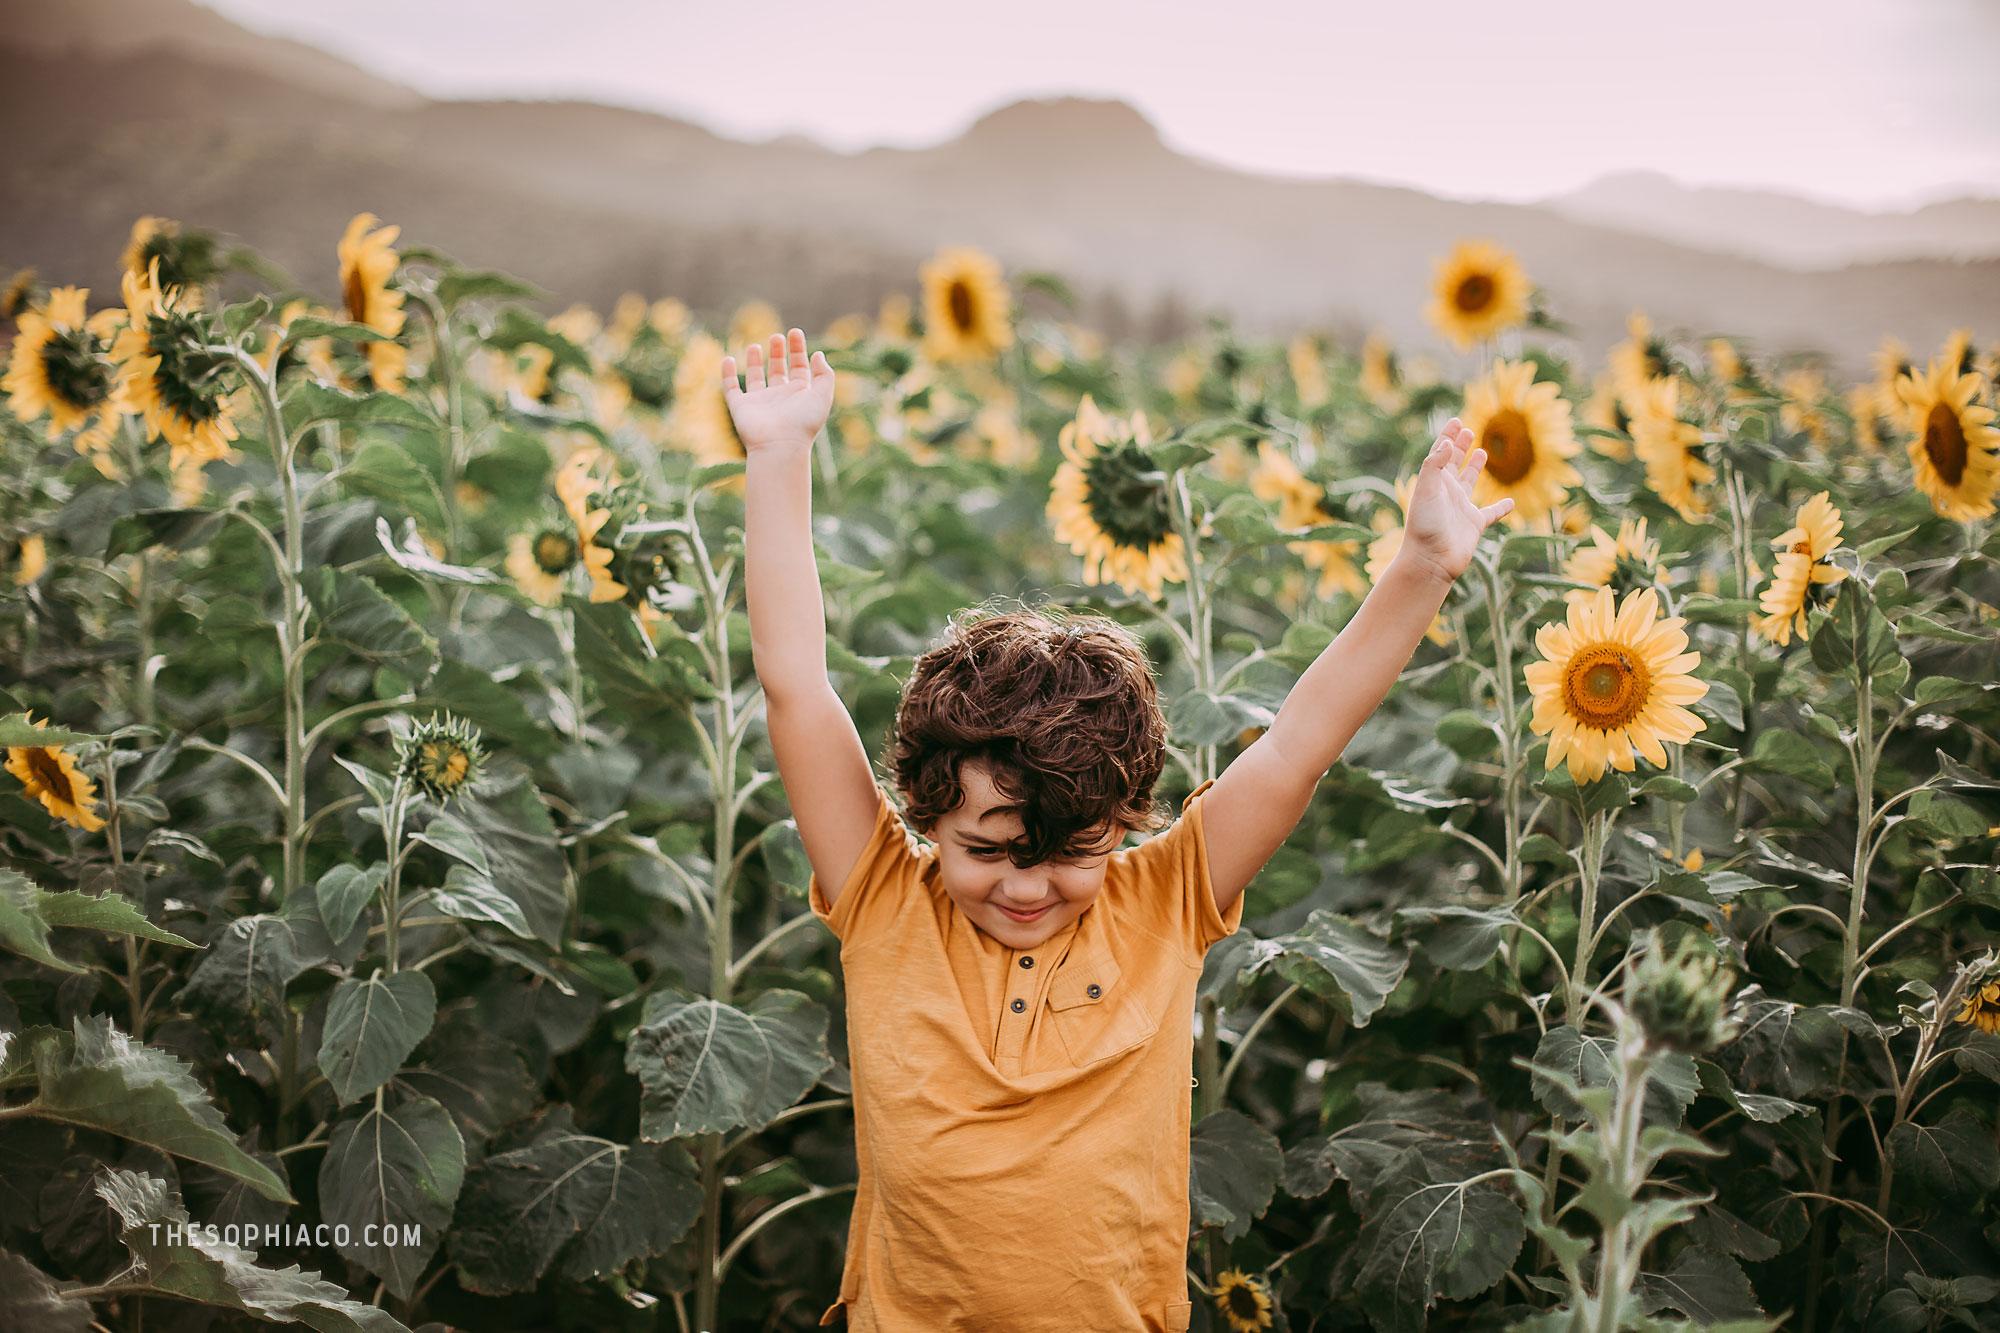 waialua-sunflowers-oahu-family-photography-01.jpg